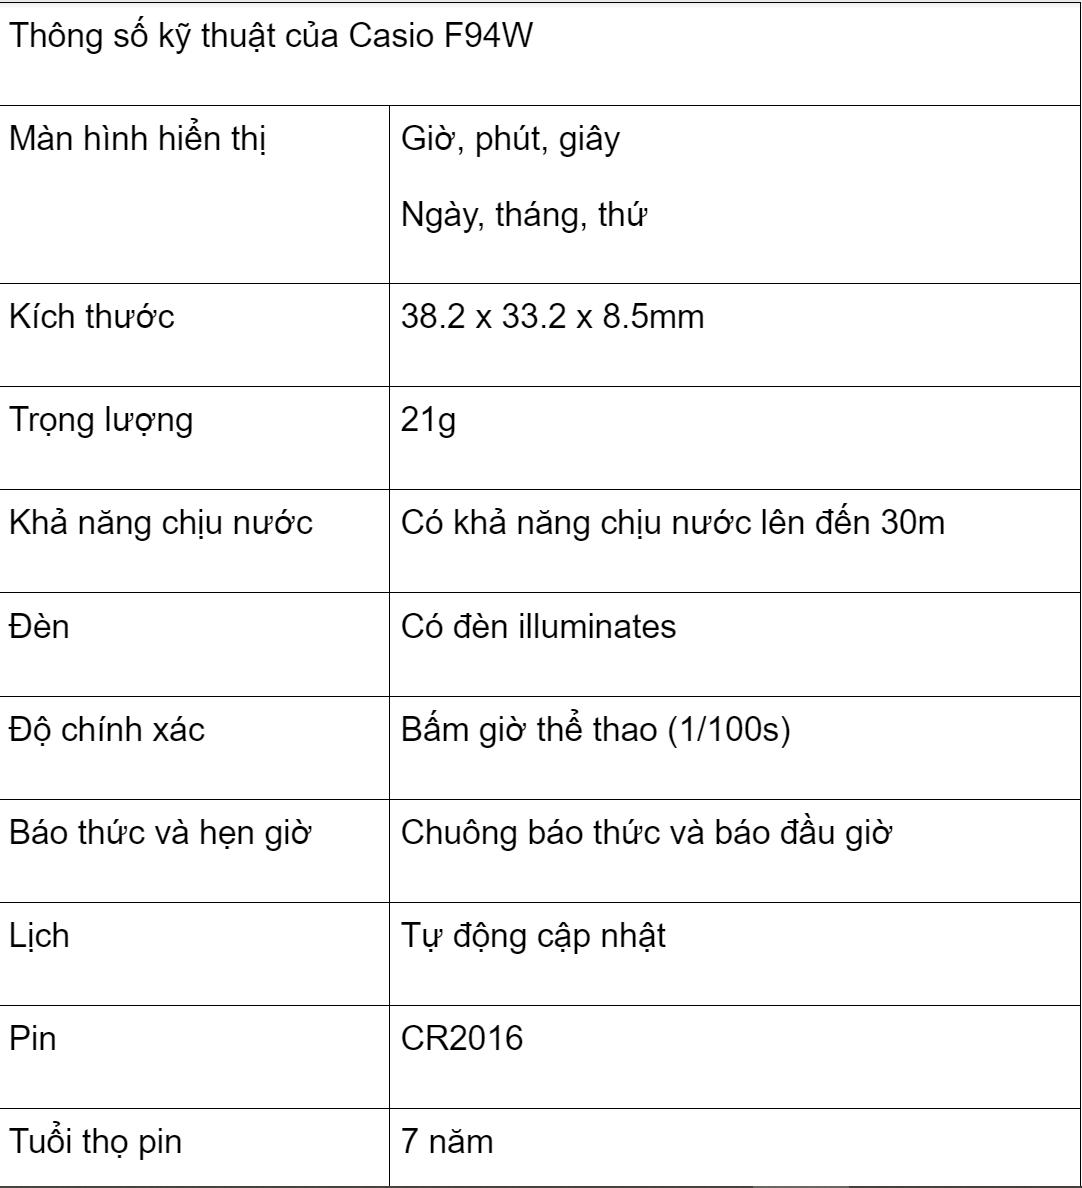 Thông số kỹ thuật của đồng hồ Casio F94W